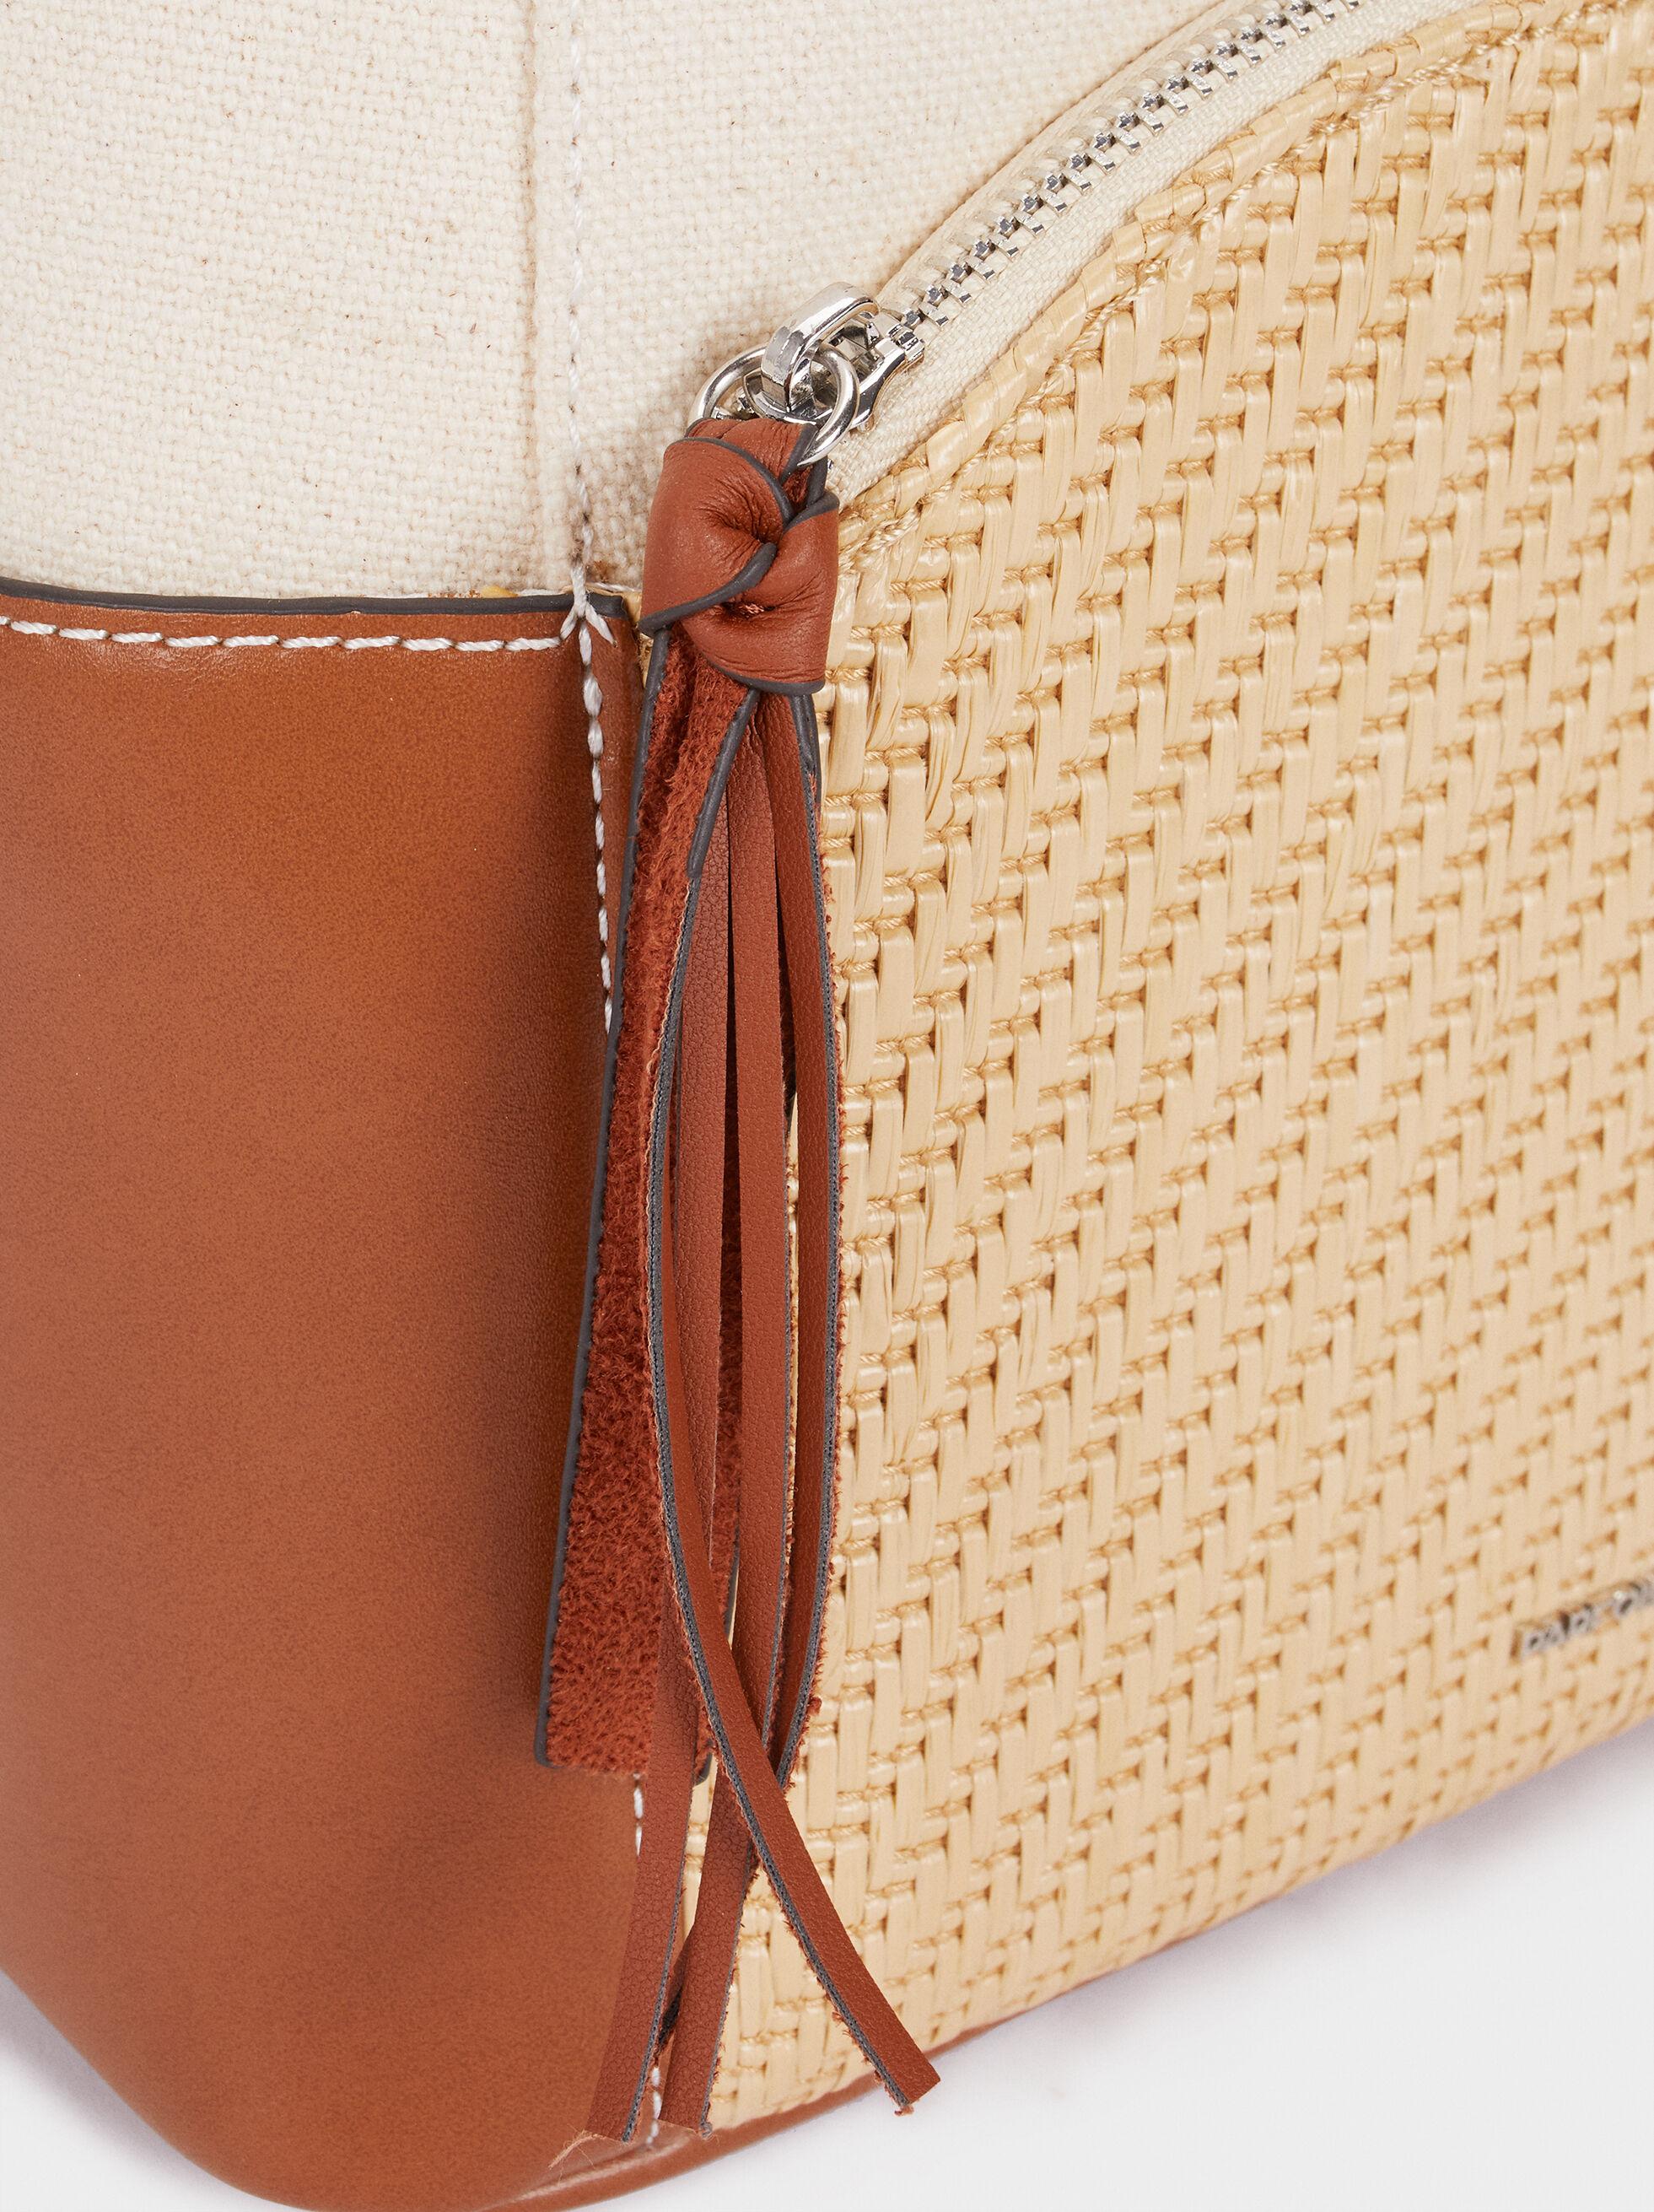 Backpack With Raffia Detailing, Camel, hi-res